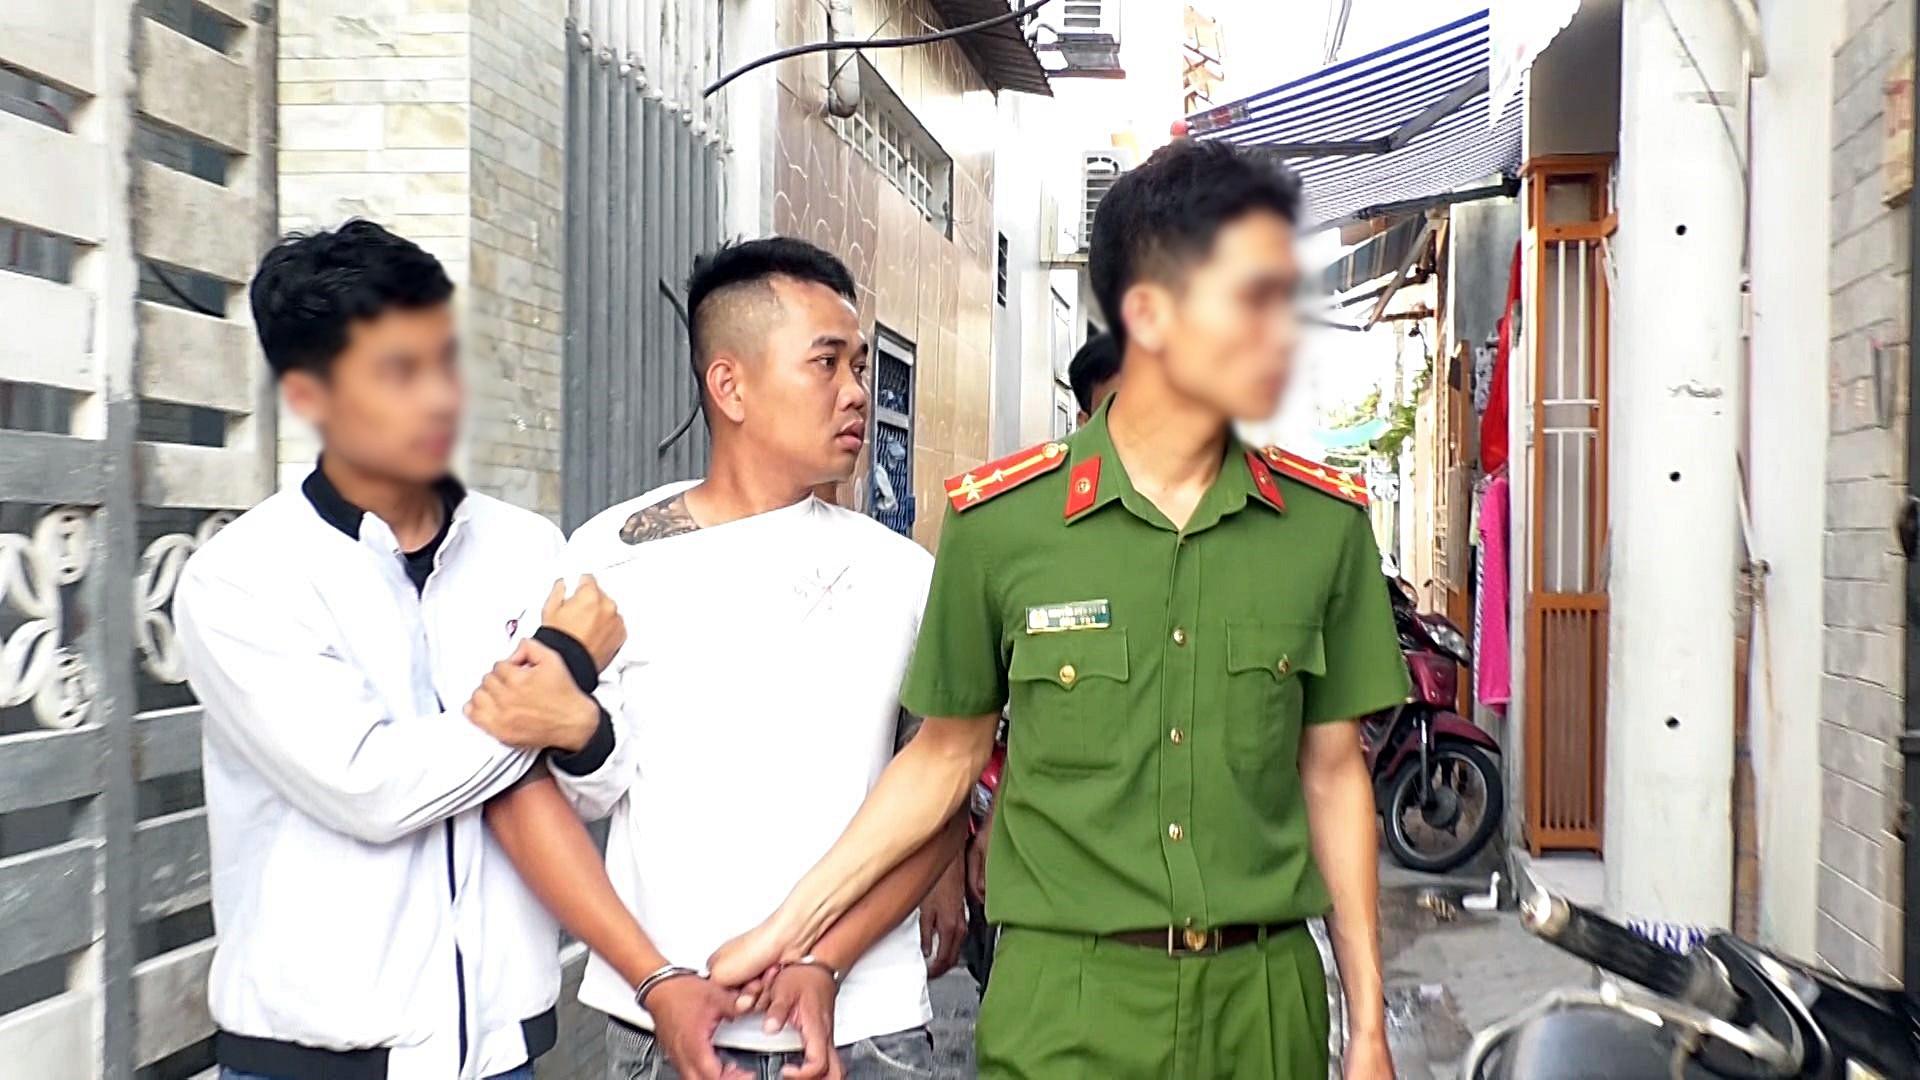 Triệt phá đường dây cá độ triệu đô ở Đà Nẵng, phát hiện súng, lựu đạn - Ảnh 1.